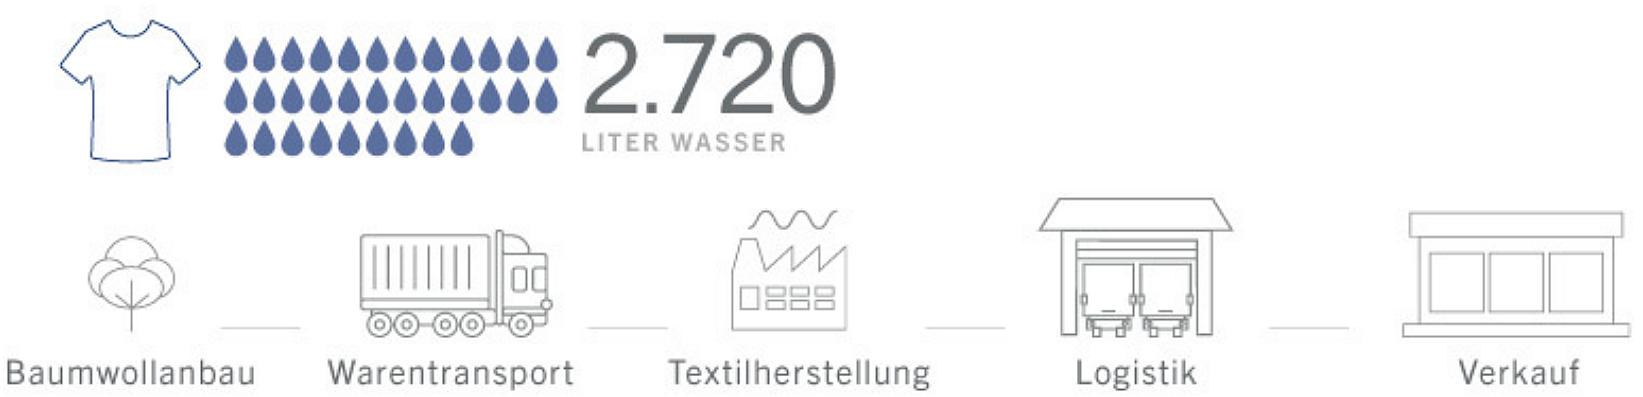 Globaler durchschnittlicher Wasserverbrauch bei der Herstellung eines T-Shirts